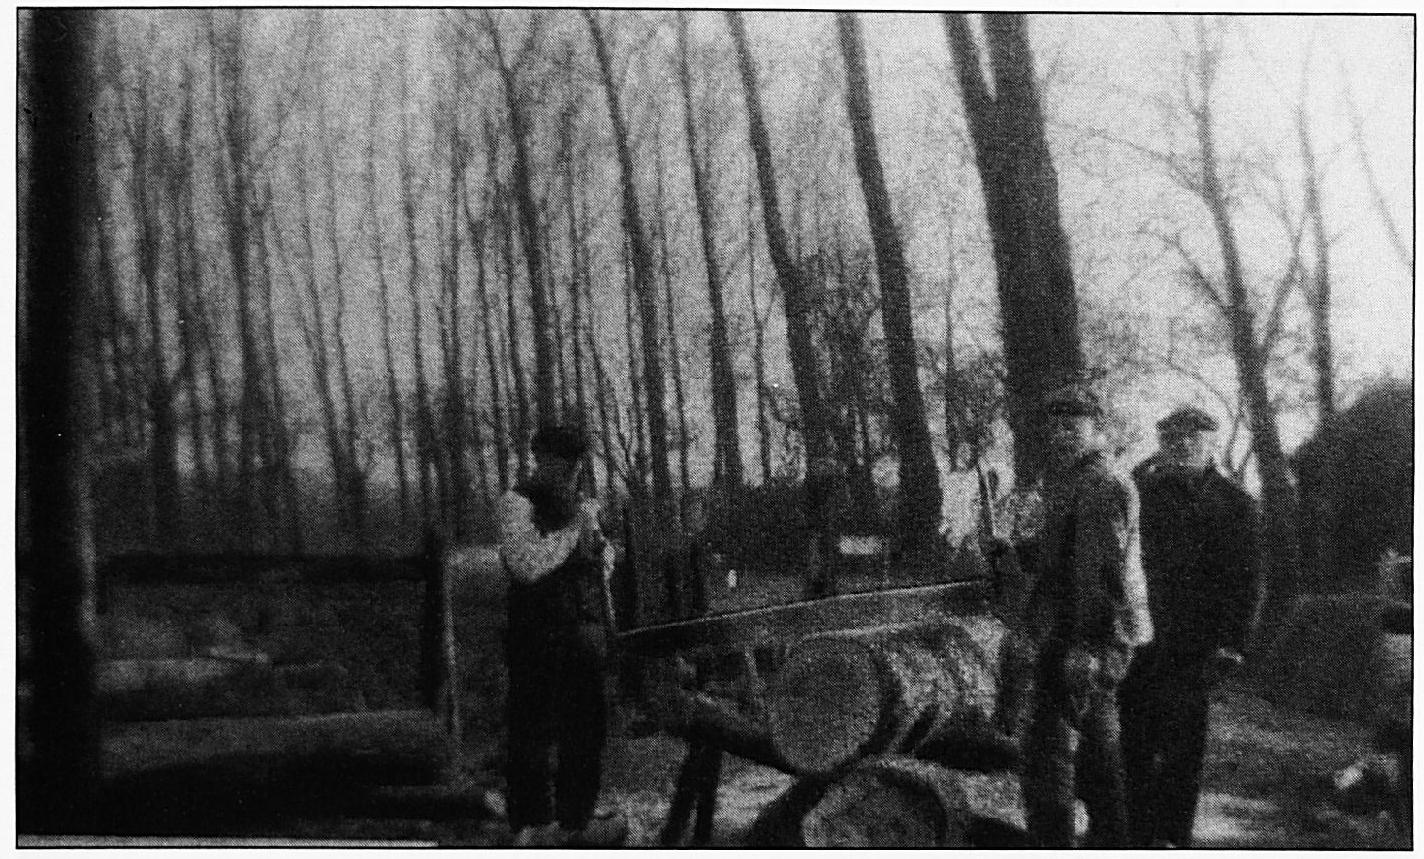 Zo werd het klompenhout met de hand op blokken gezaagd, waarna men er klompen van kon maken. V.l.n.r.: Gradus van Gelder, zijn zoon Geri van Gelder en Van Rossum. Rechts is tussen de bomen door nog het oude koetshuis van de Lakenburg zichtbaar.